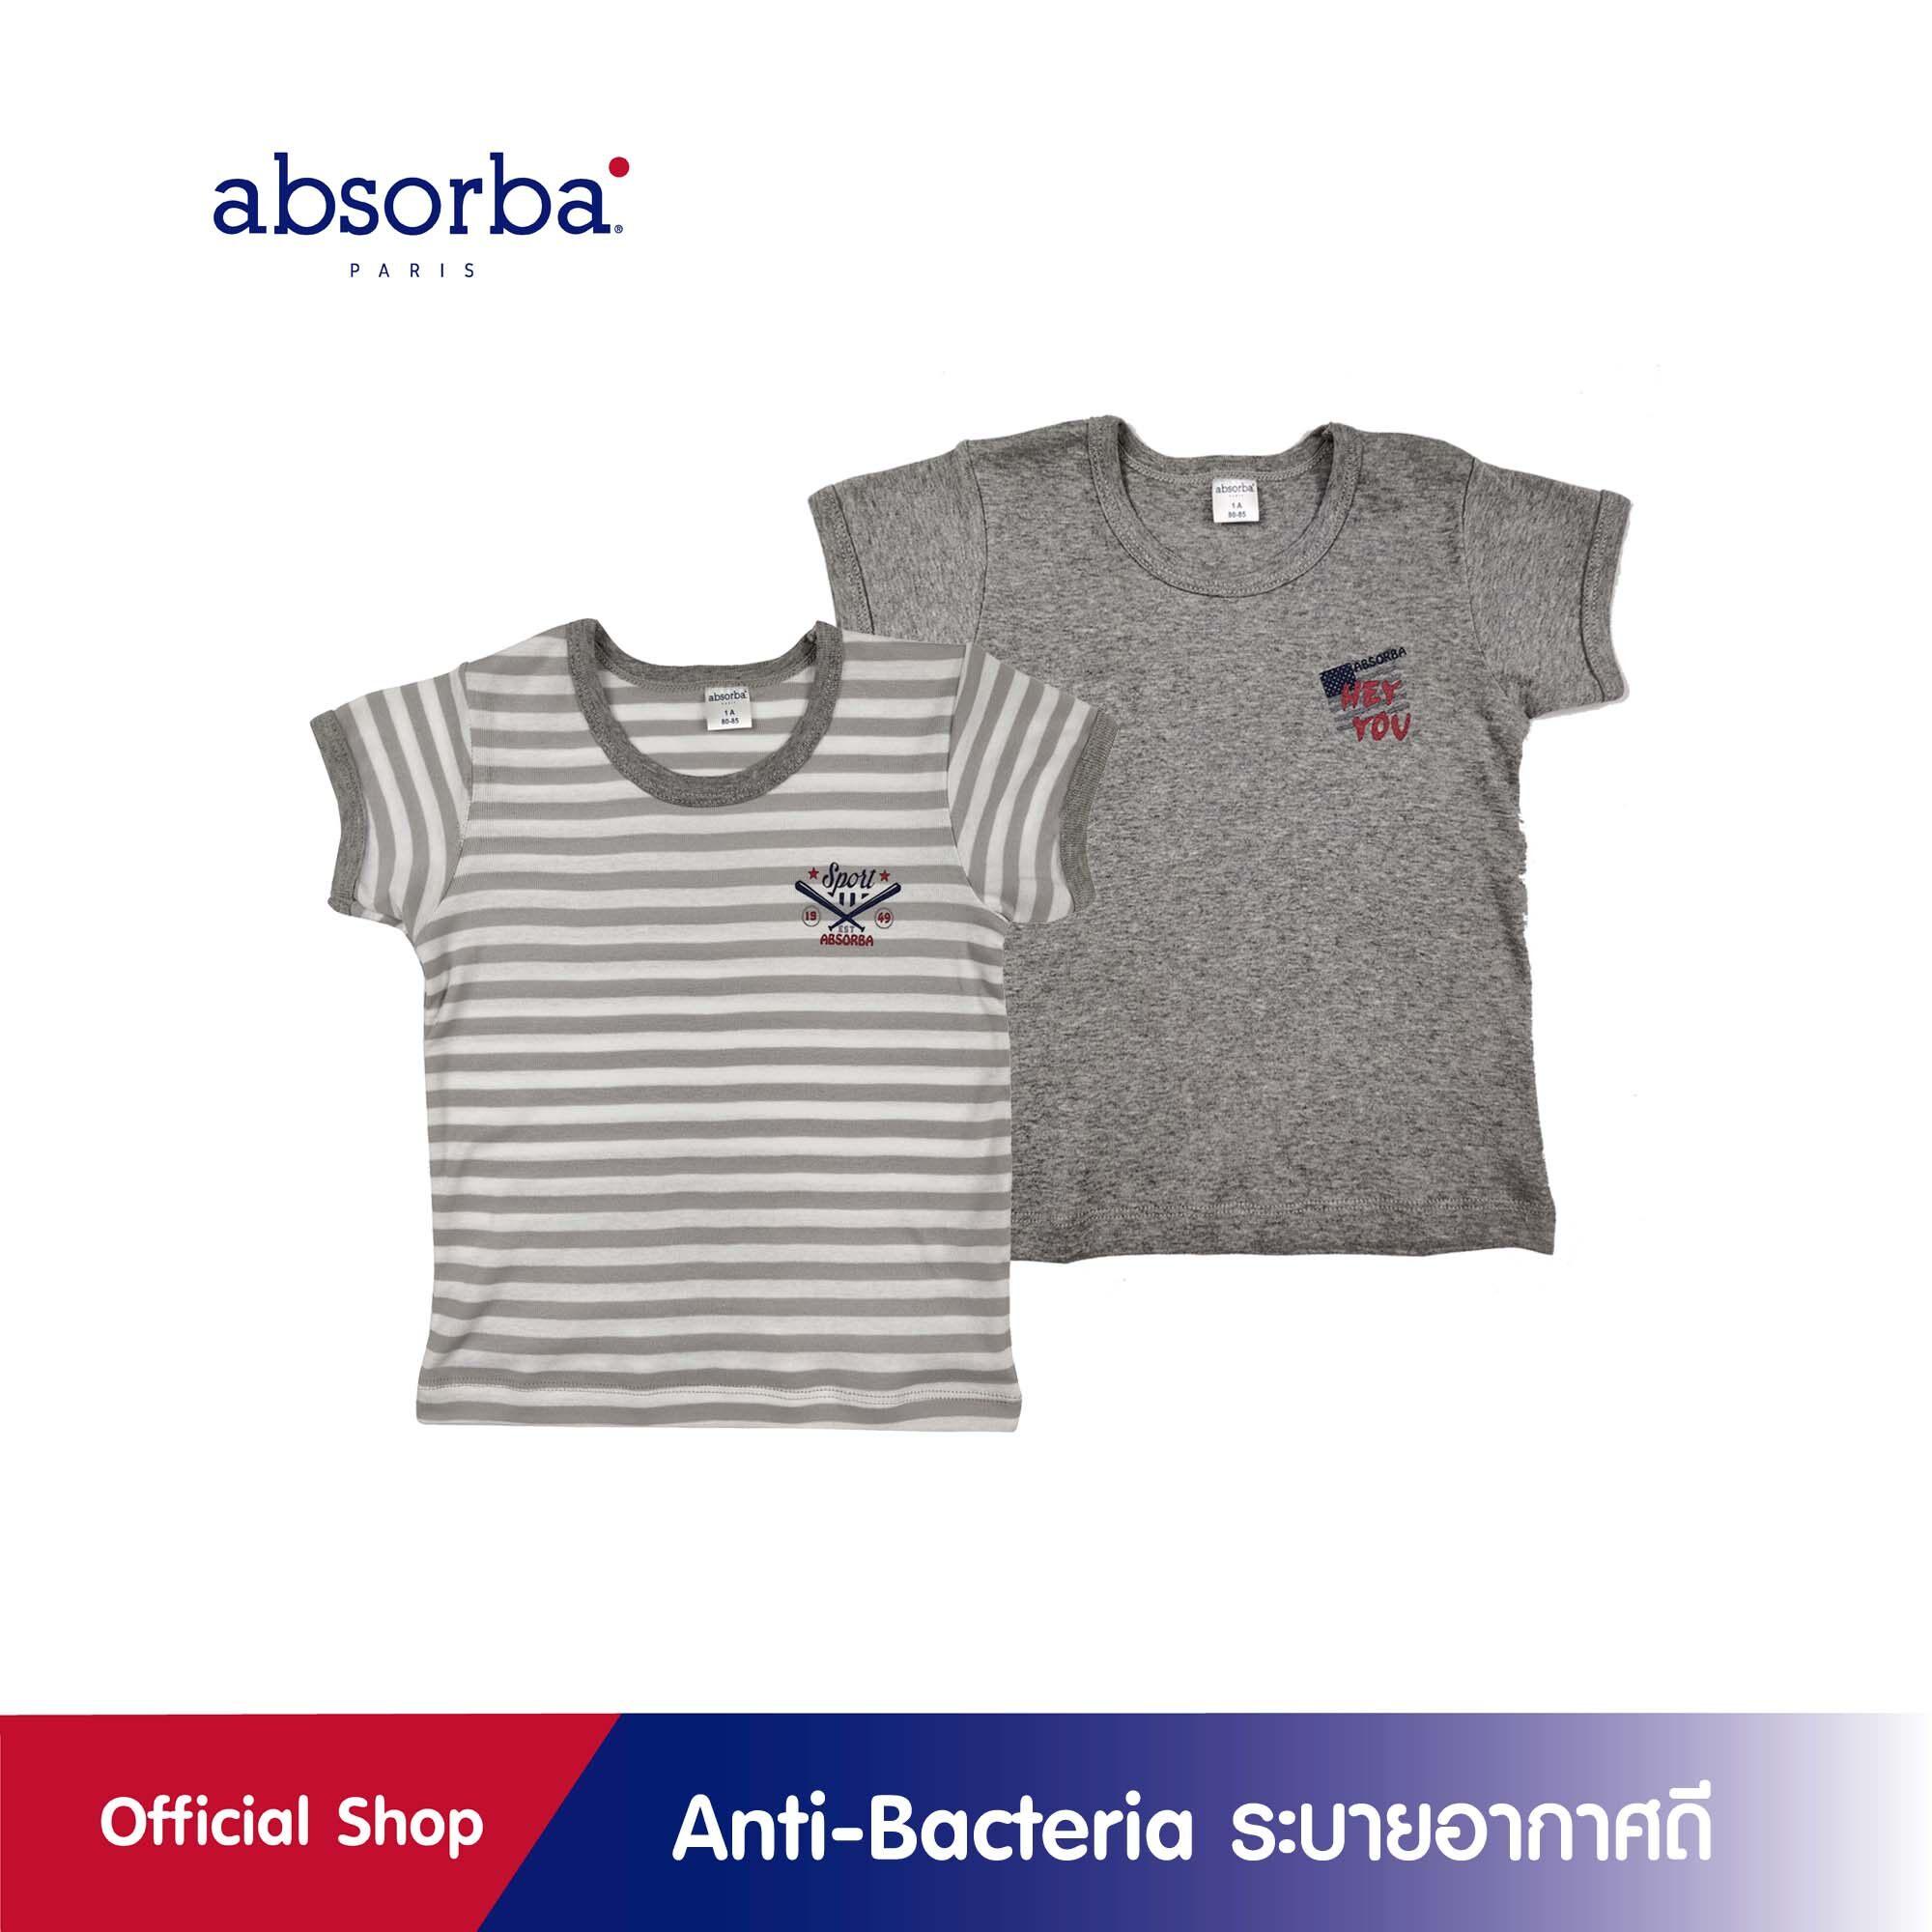 โปรโมชั่น absorba (แอ๊บซอร์บา) เสื้อยืดเด็กชาย แขนสั้น ลายริ้ว (แพ็ค 2 ตัว) ใส่สบาย ปลอดภัย ไม่ระคายเคืองต่อผิวเด็ก สำหรับเด็กอายุ 1-13 ปี R8W201FA